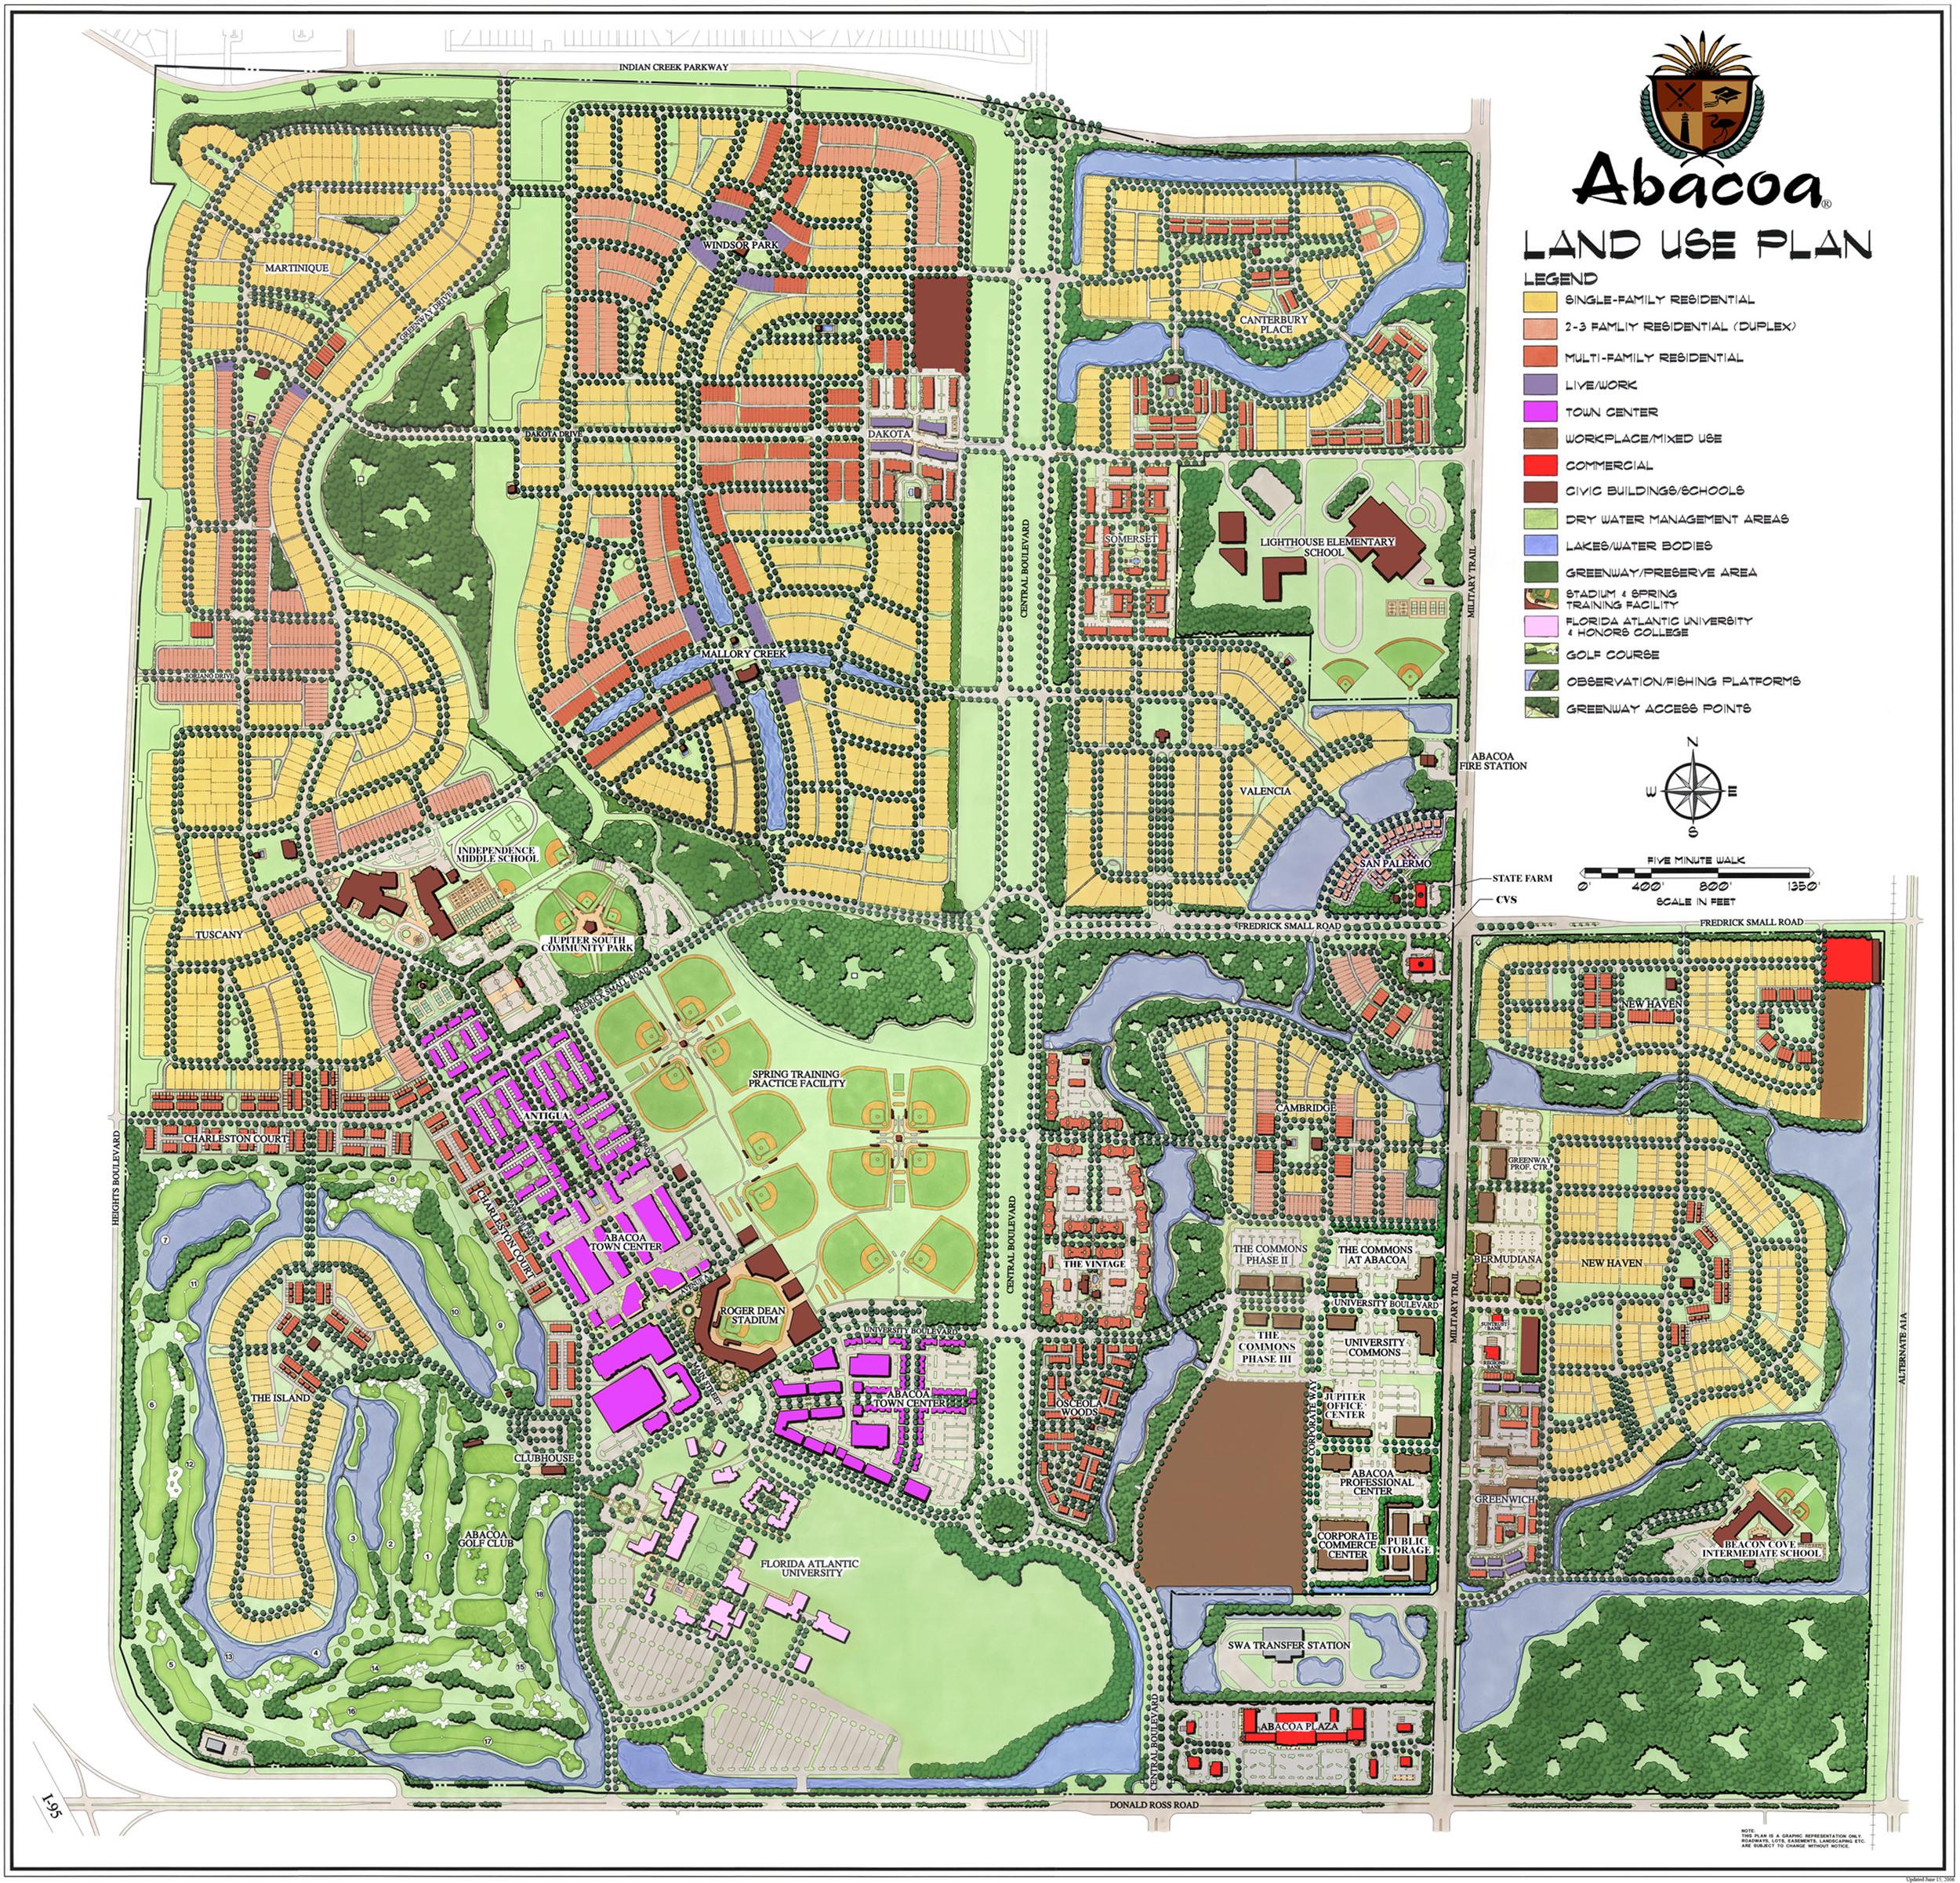 Abacoa DRI Jupiter Florida Master Plan.jpg